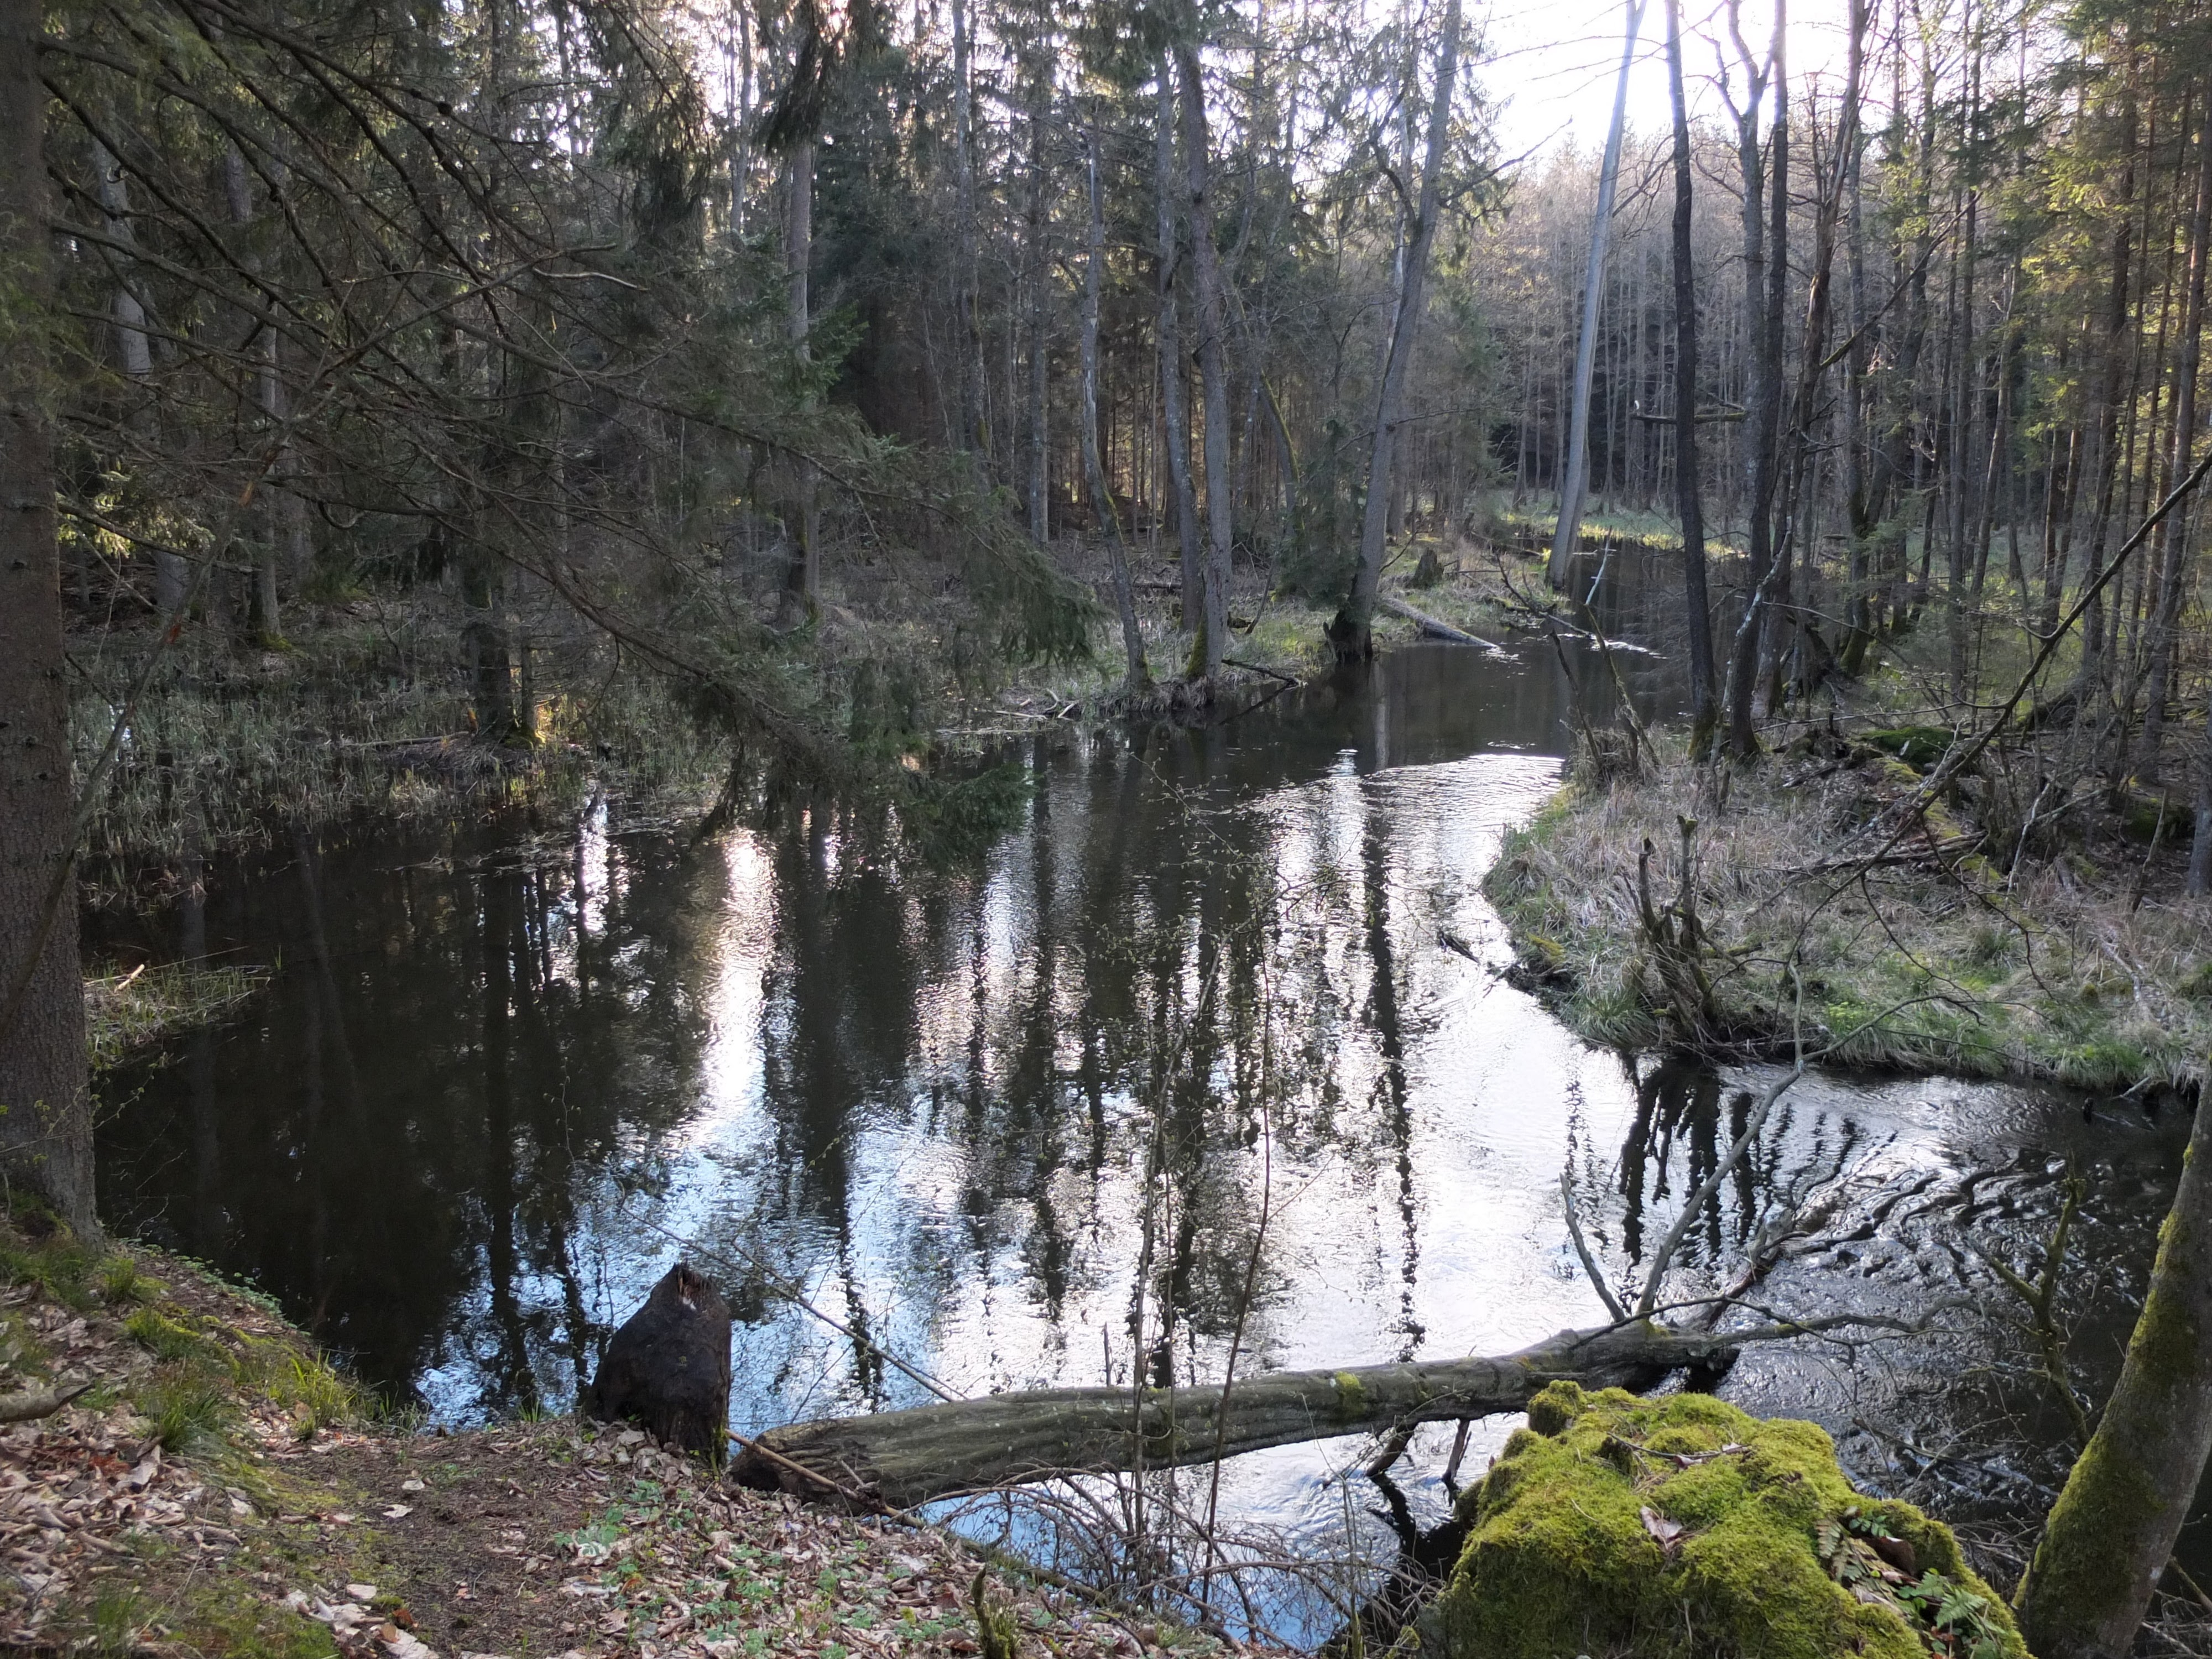 https://m.powiatszczycienski.pl/2021/04/orig/gmina-szczytno-grodzisko-w-janowie-fot-witold-olbrys-dla-przemka-zrobic-czarnobiale-39857.jpg